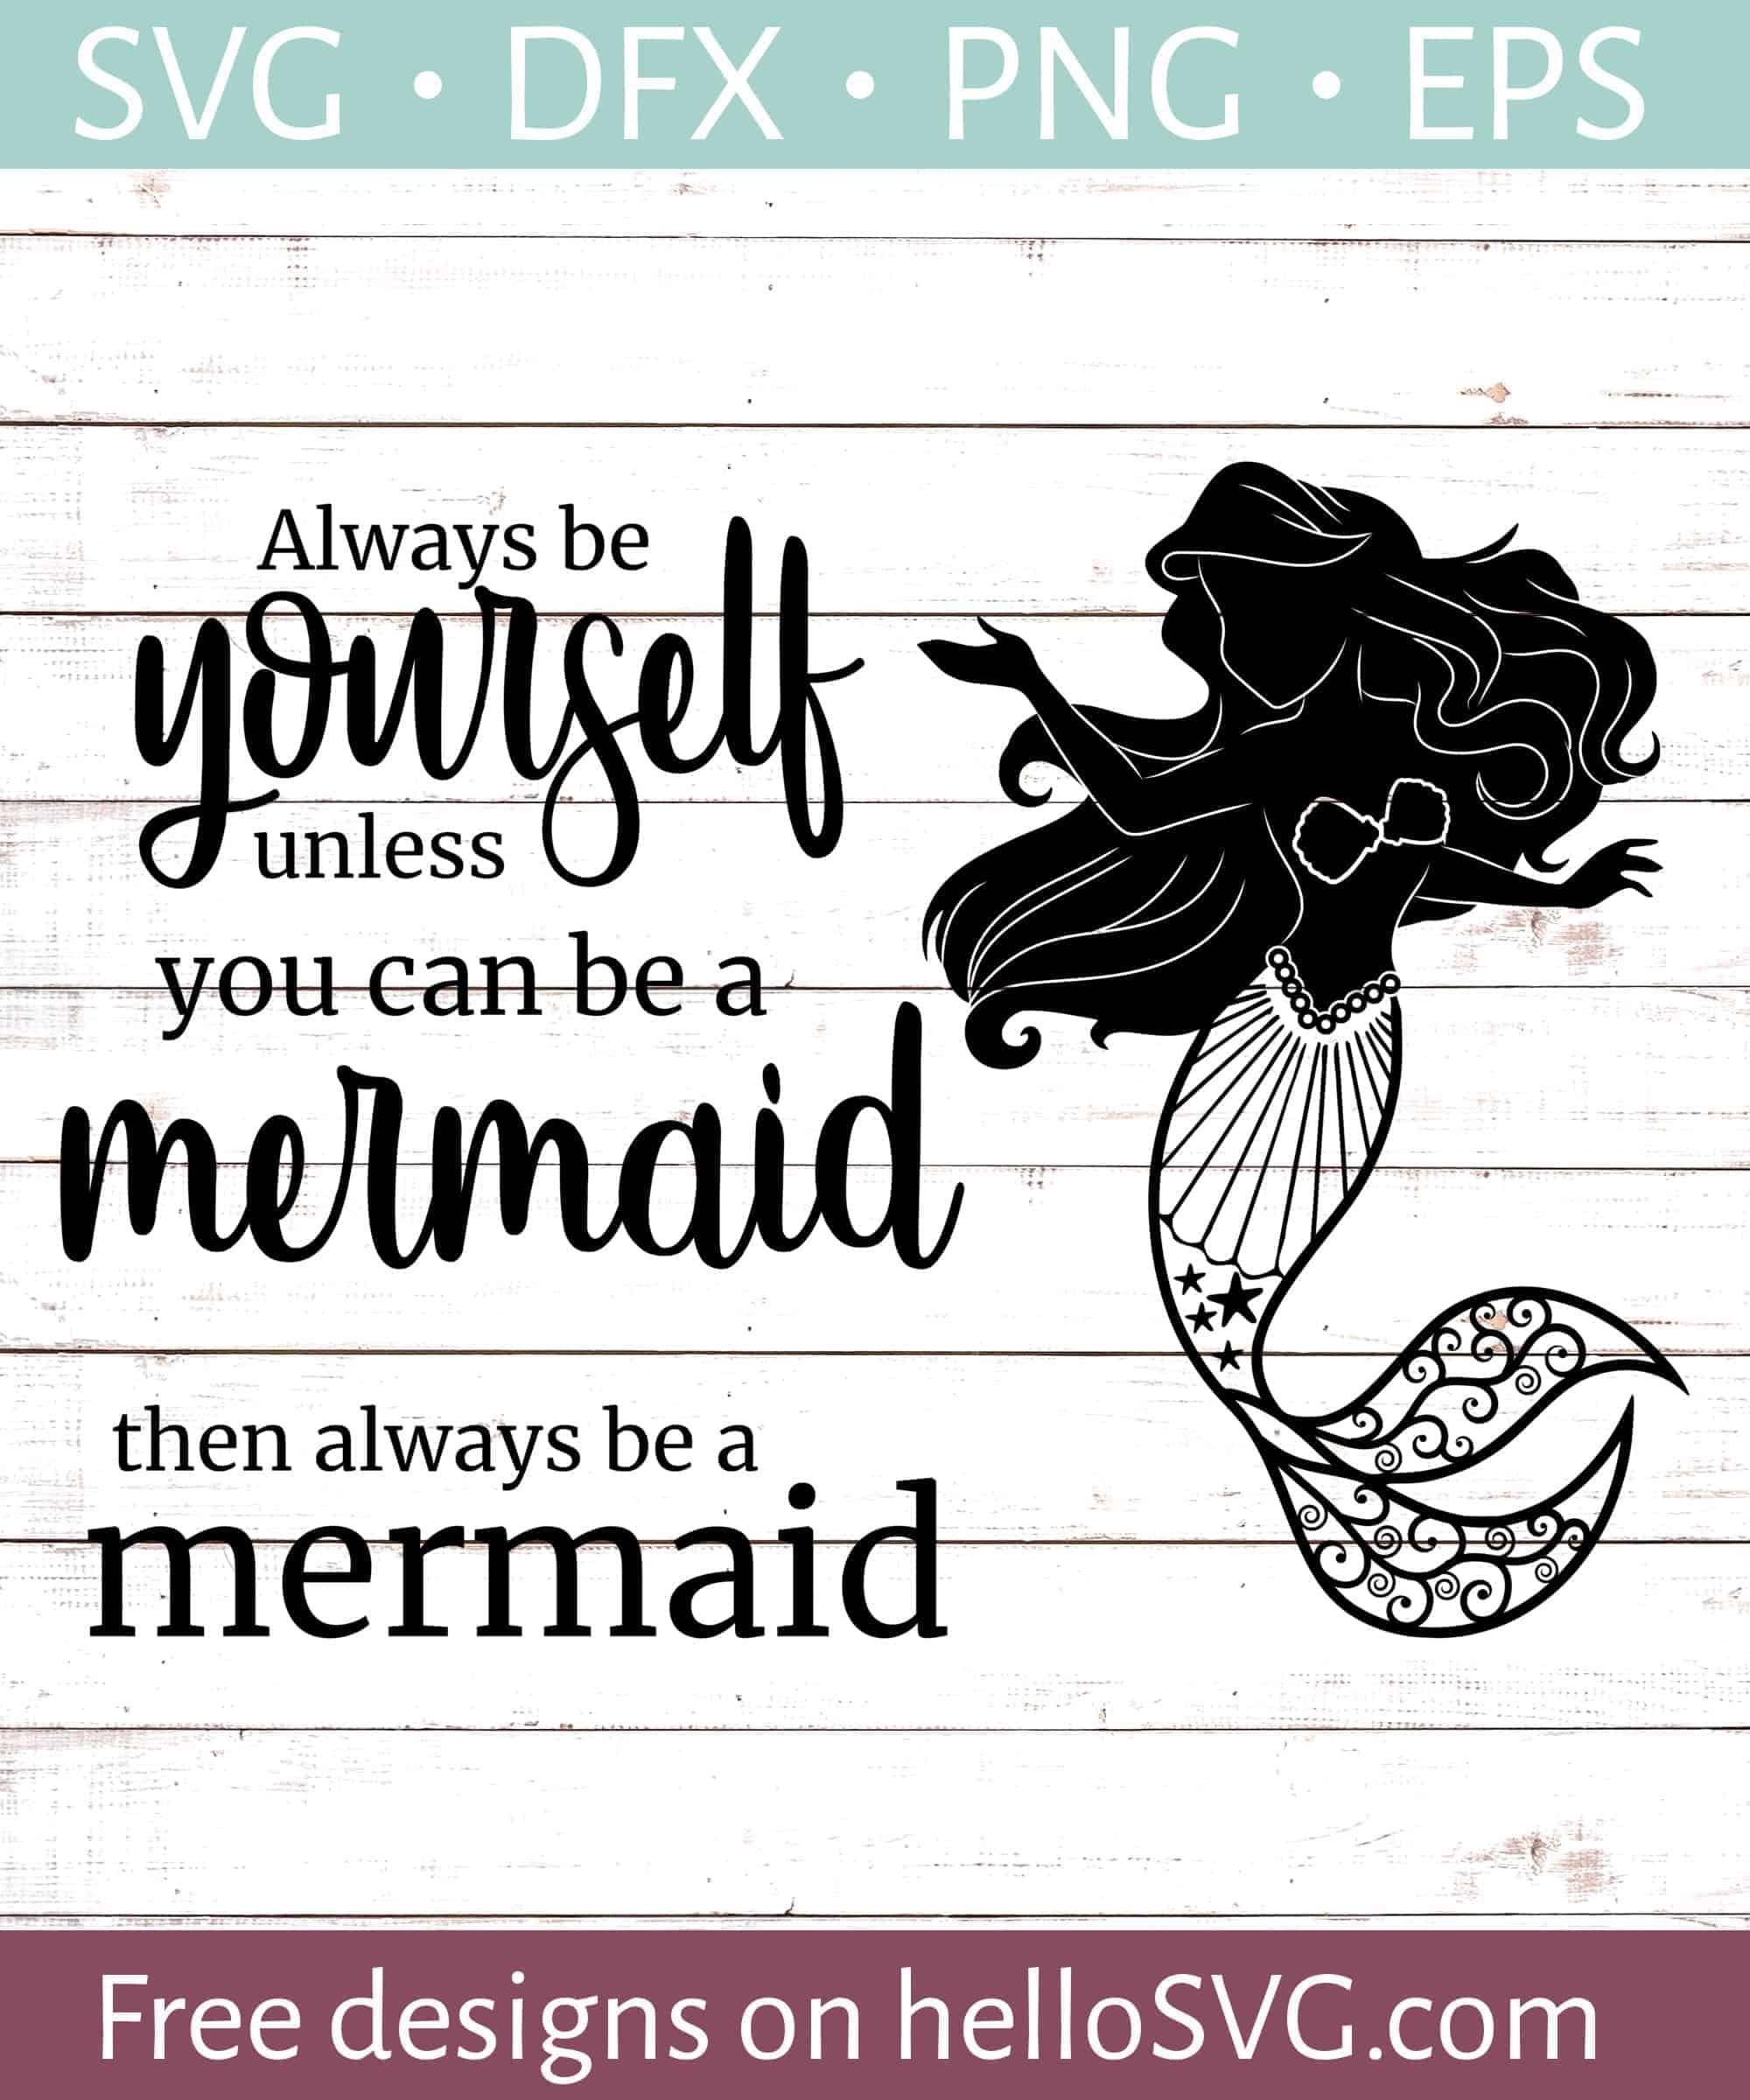 Free Mermaid Svg File : mermaid, Always, Mermaid, Files, HelloSVG.com